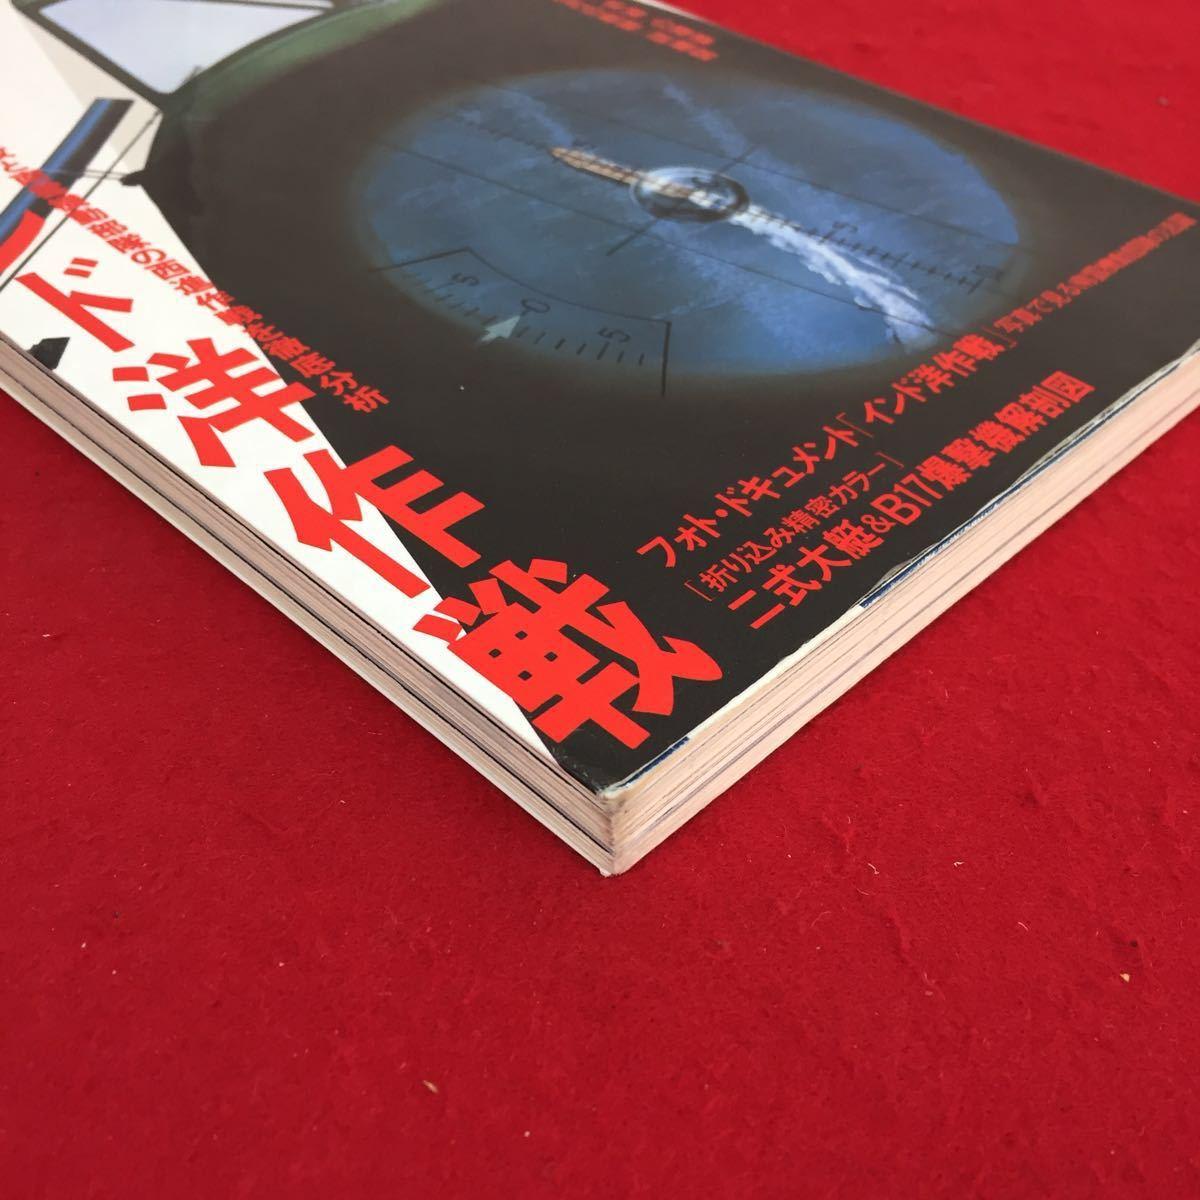 d1-0224-005 歴史群像 太平洋戦史シリーズVol.3 勇進インド洋作戦 1995年7月20日第3刷発行 シミあり※商品説明もご確認下さい※9_画像3